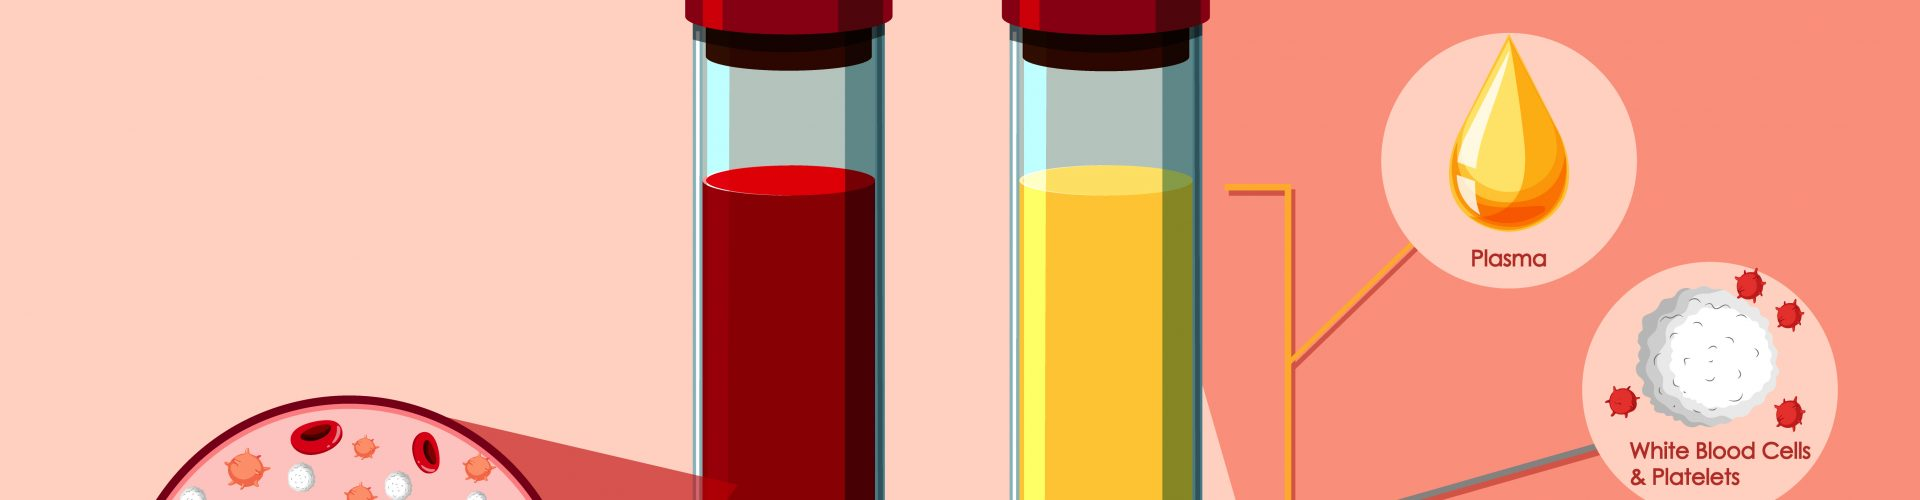 Covid-19: Die Europäische Kommission unterstützt die Behandlung mit Rekonvaleszenten-Plasma